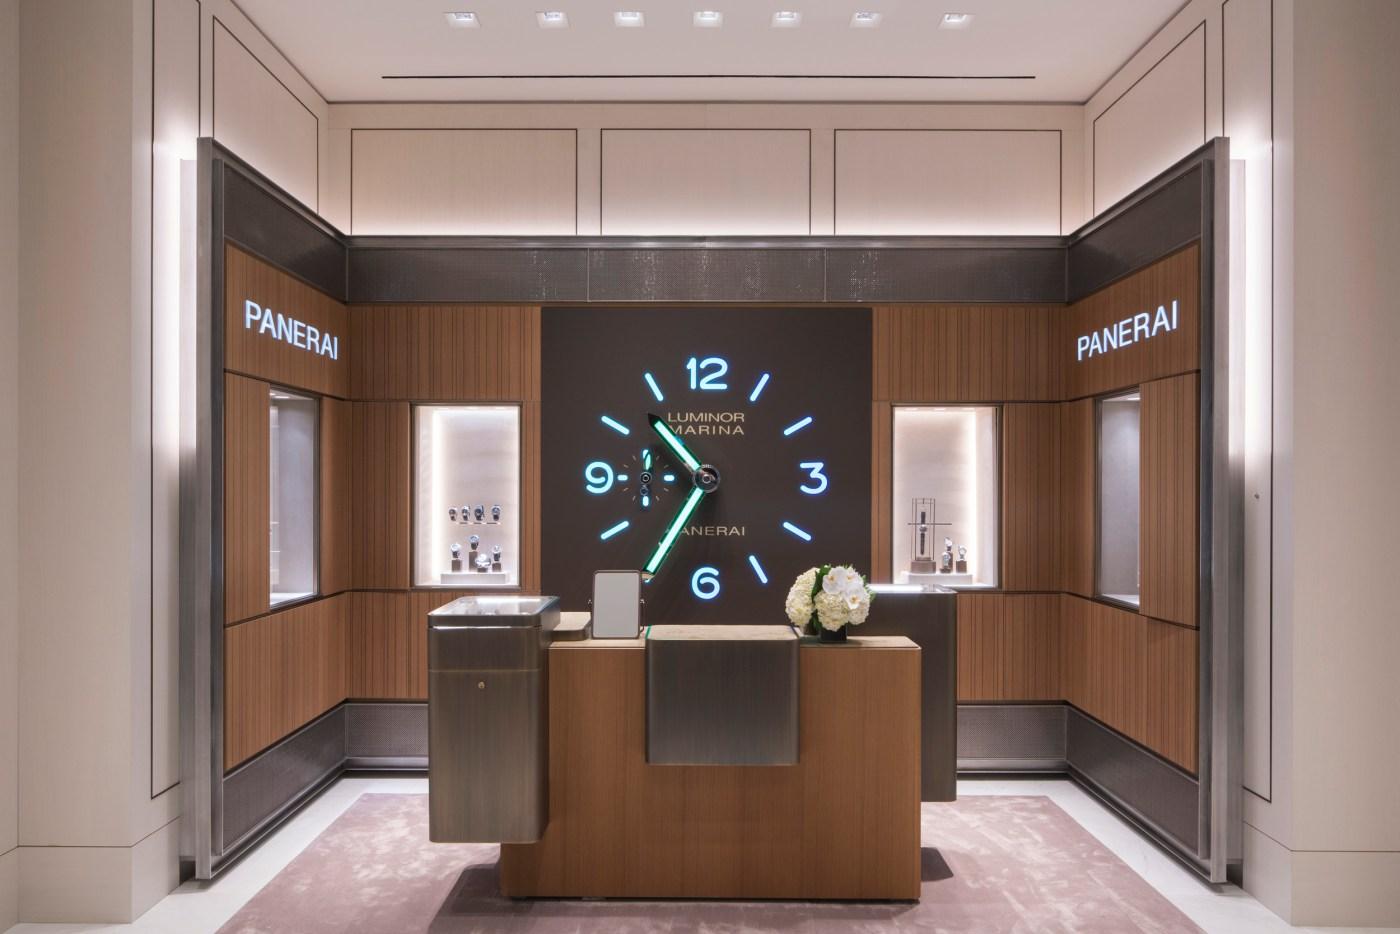 Panerai at Watches of Switzerland Wynn